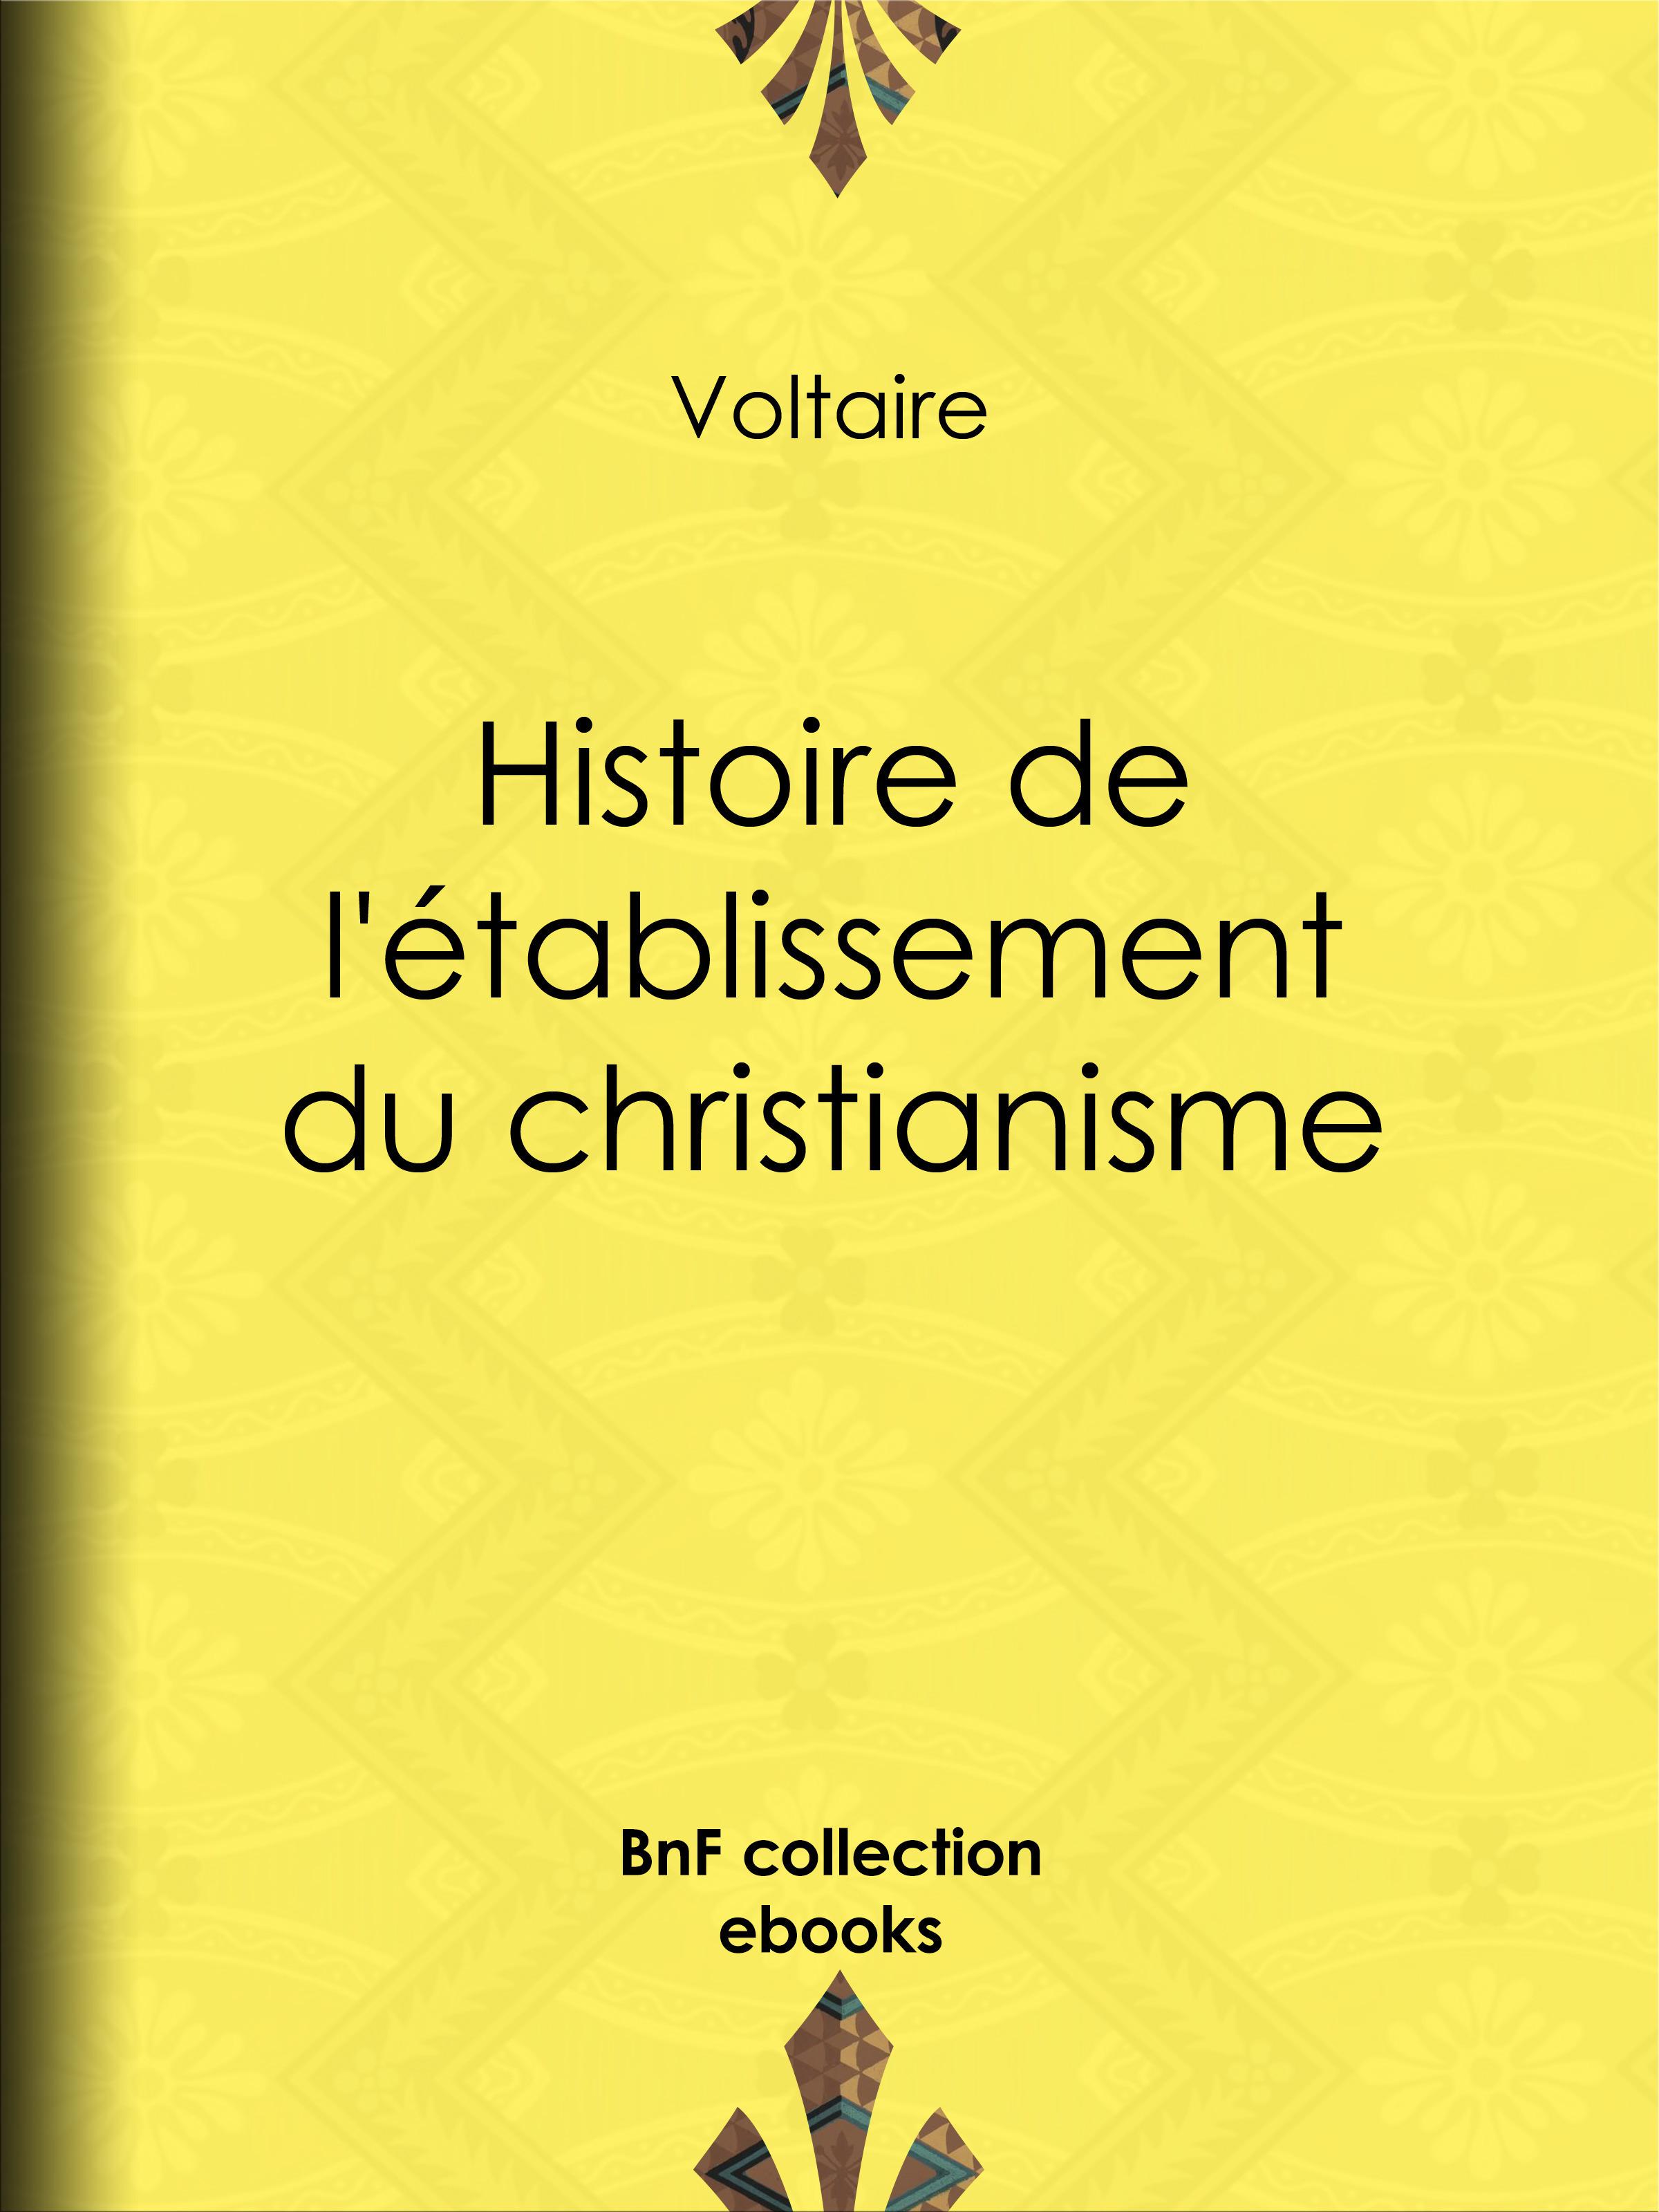 Histoire de l'établissement du christianisme